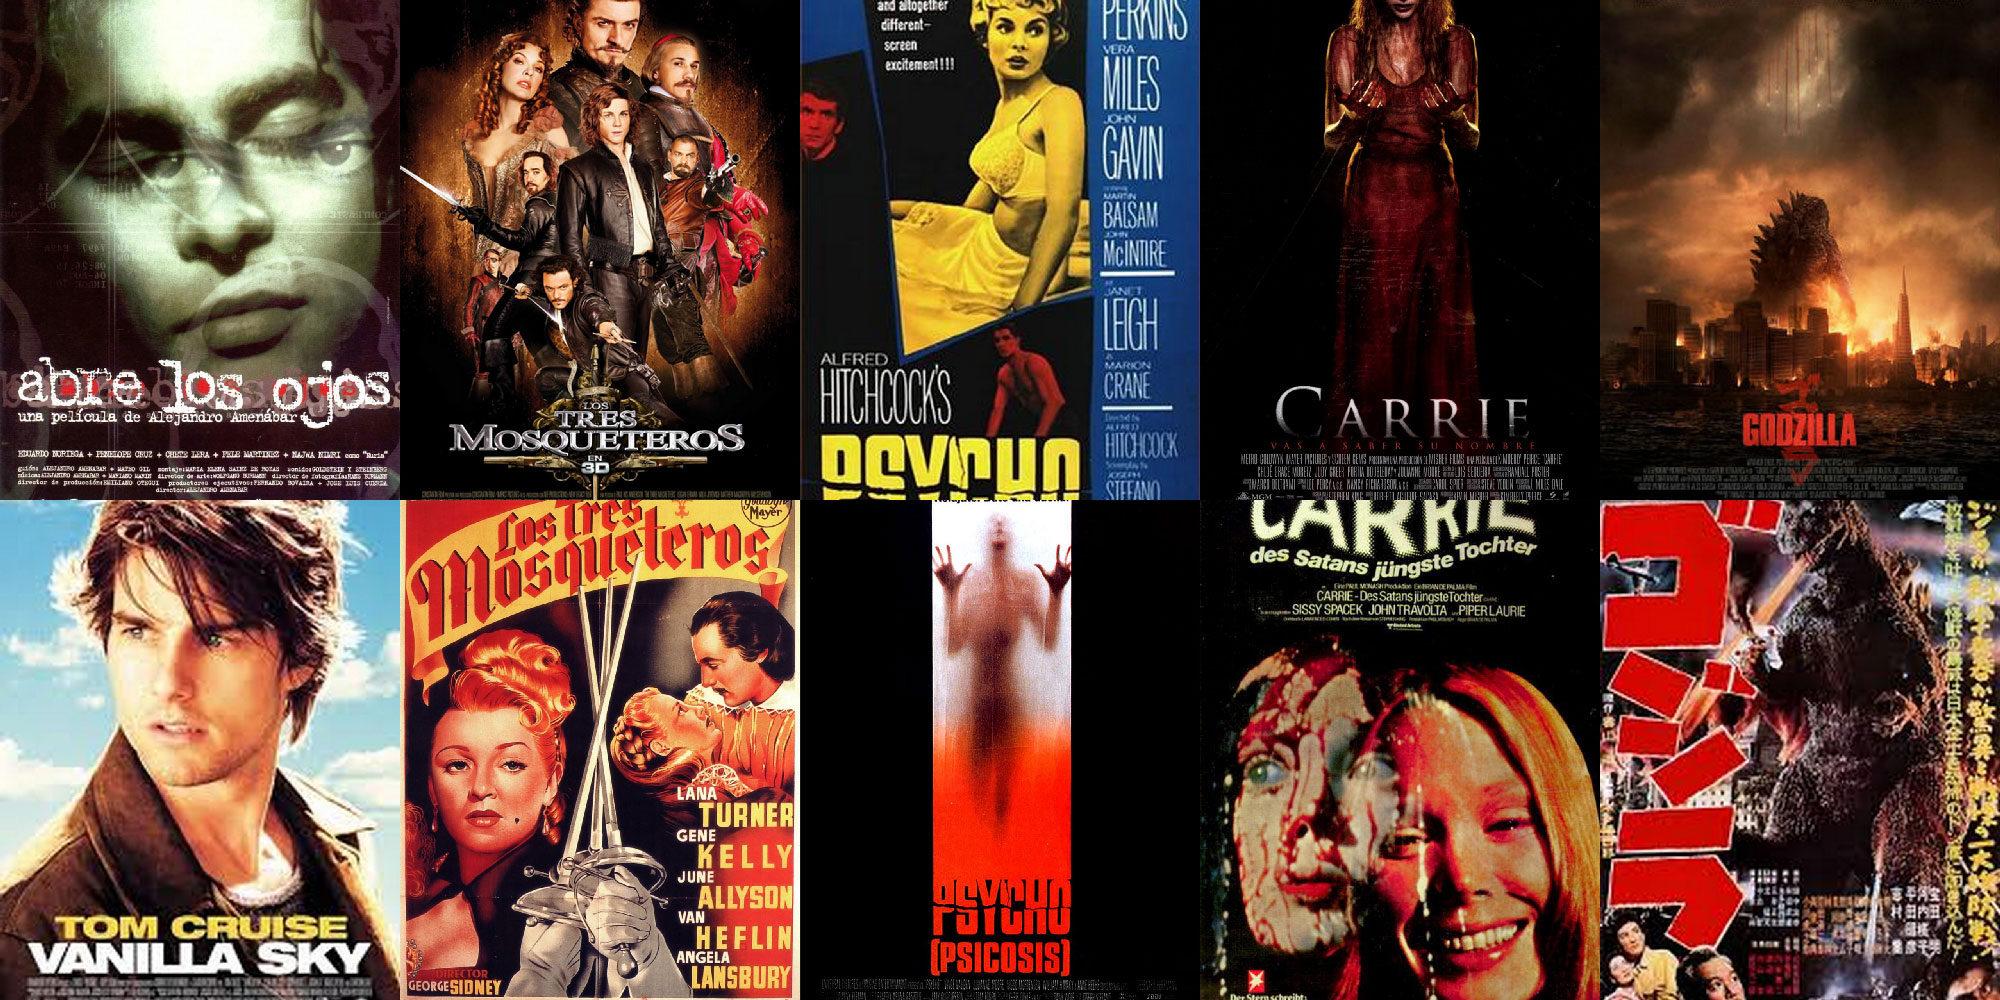 Los 5 remakes que nunca debieron estrenarse